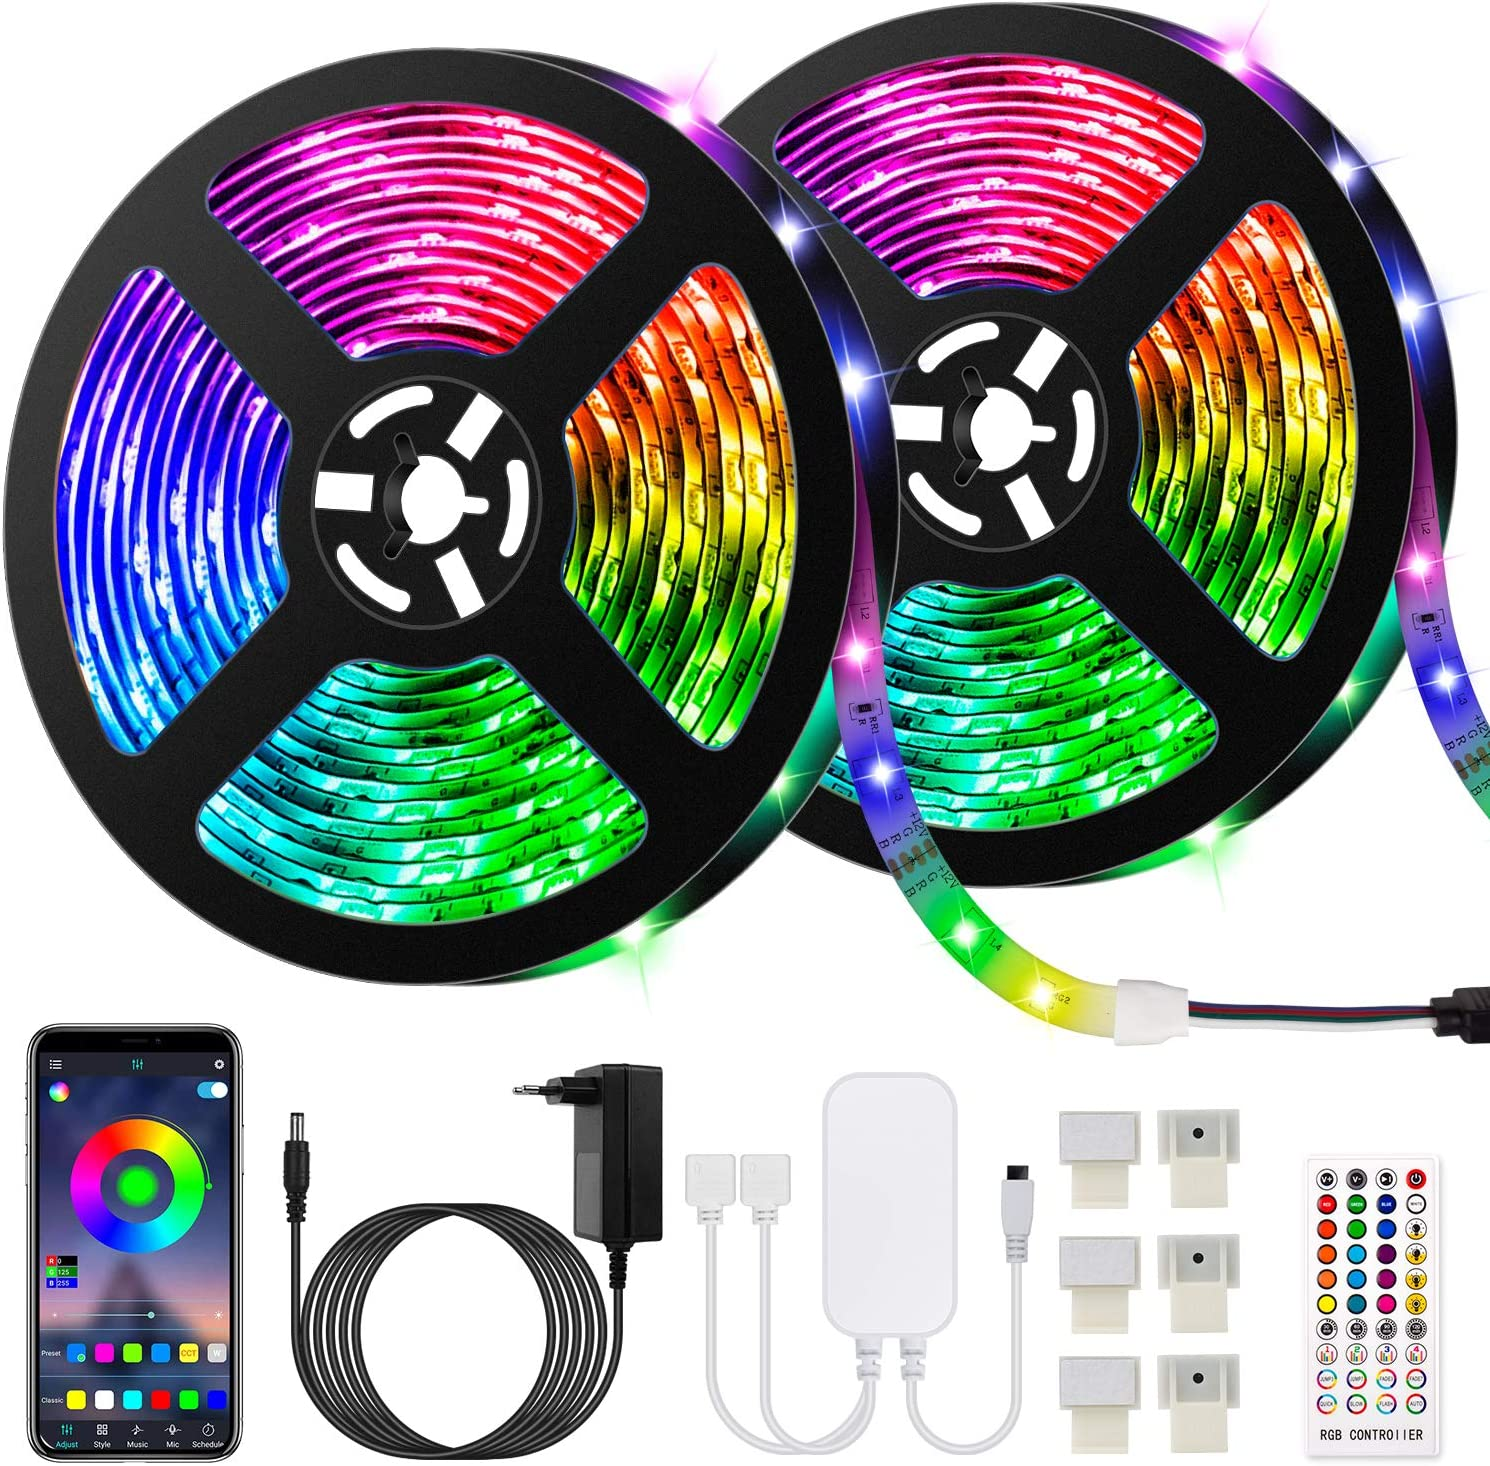 10M Bluetooth Tiras LED Musical 5050 RGB, Akapola Tiras de Luces LED Iluminación con 12V 300 LEDS, Función Musical, Horario Personal, Control de APP y de Control Remoto, Impermeable IP65, Adaptador